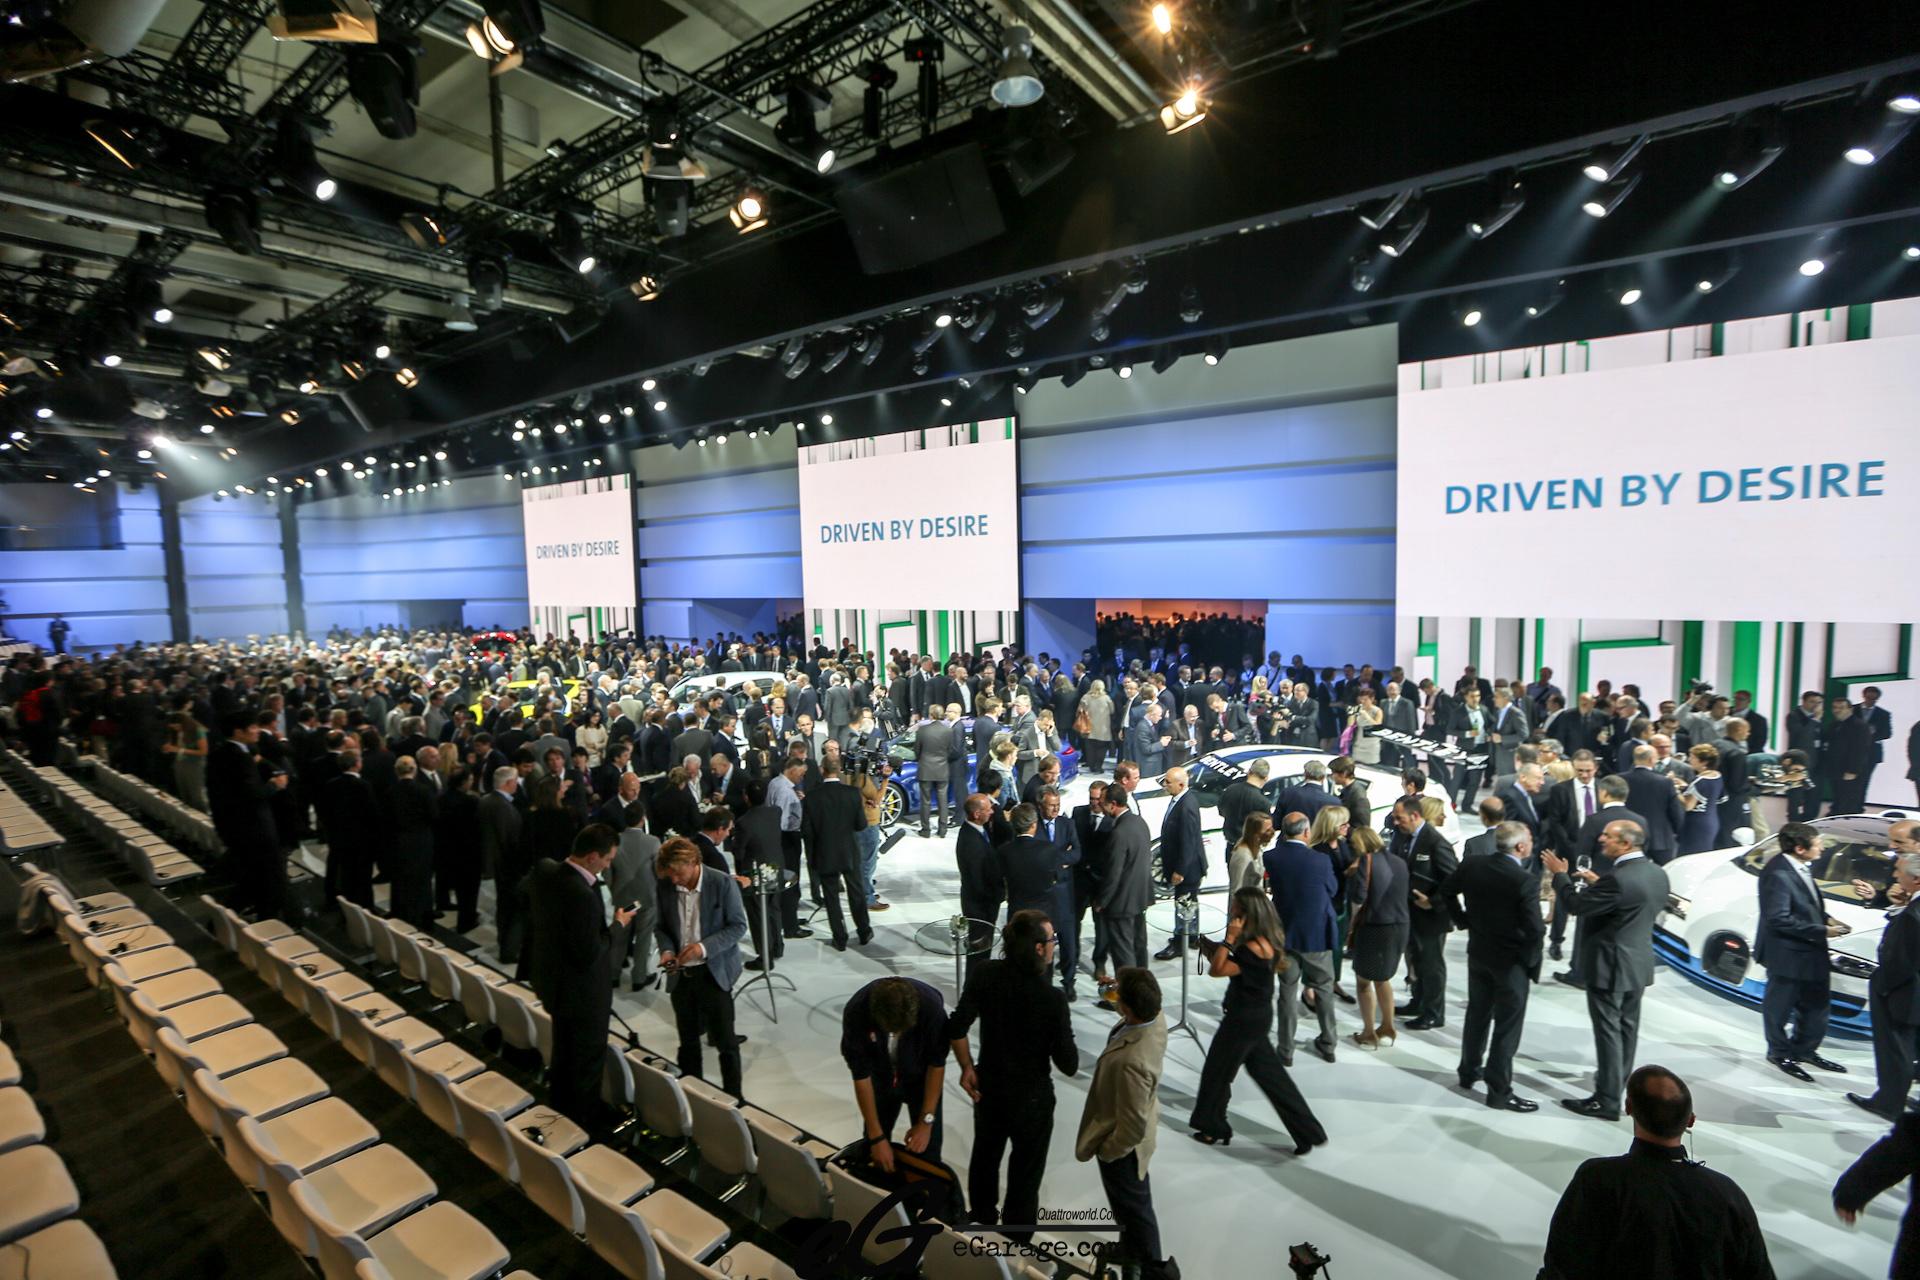 8030389174 96da10b3bb o 2012 Paris Motor Show